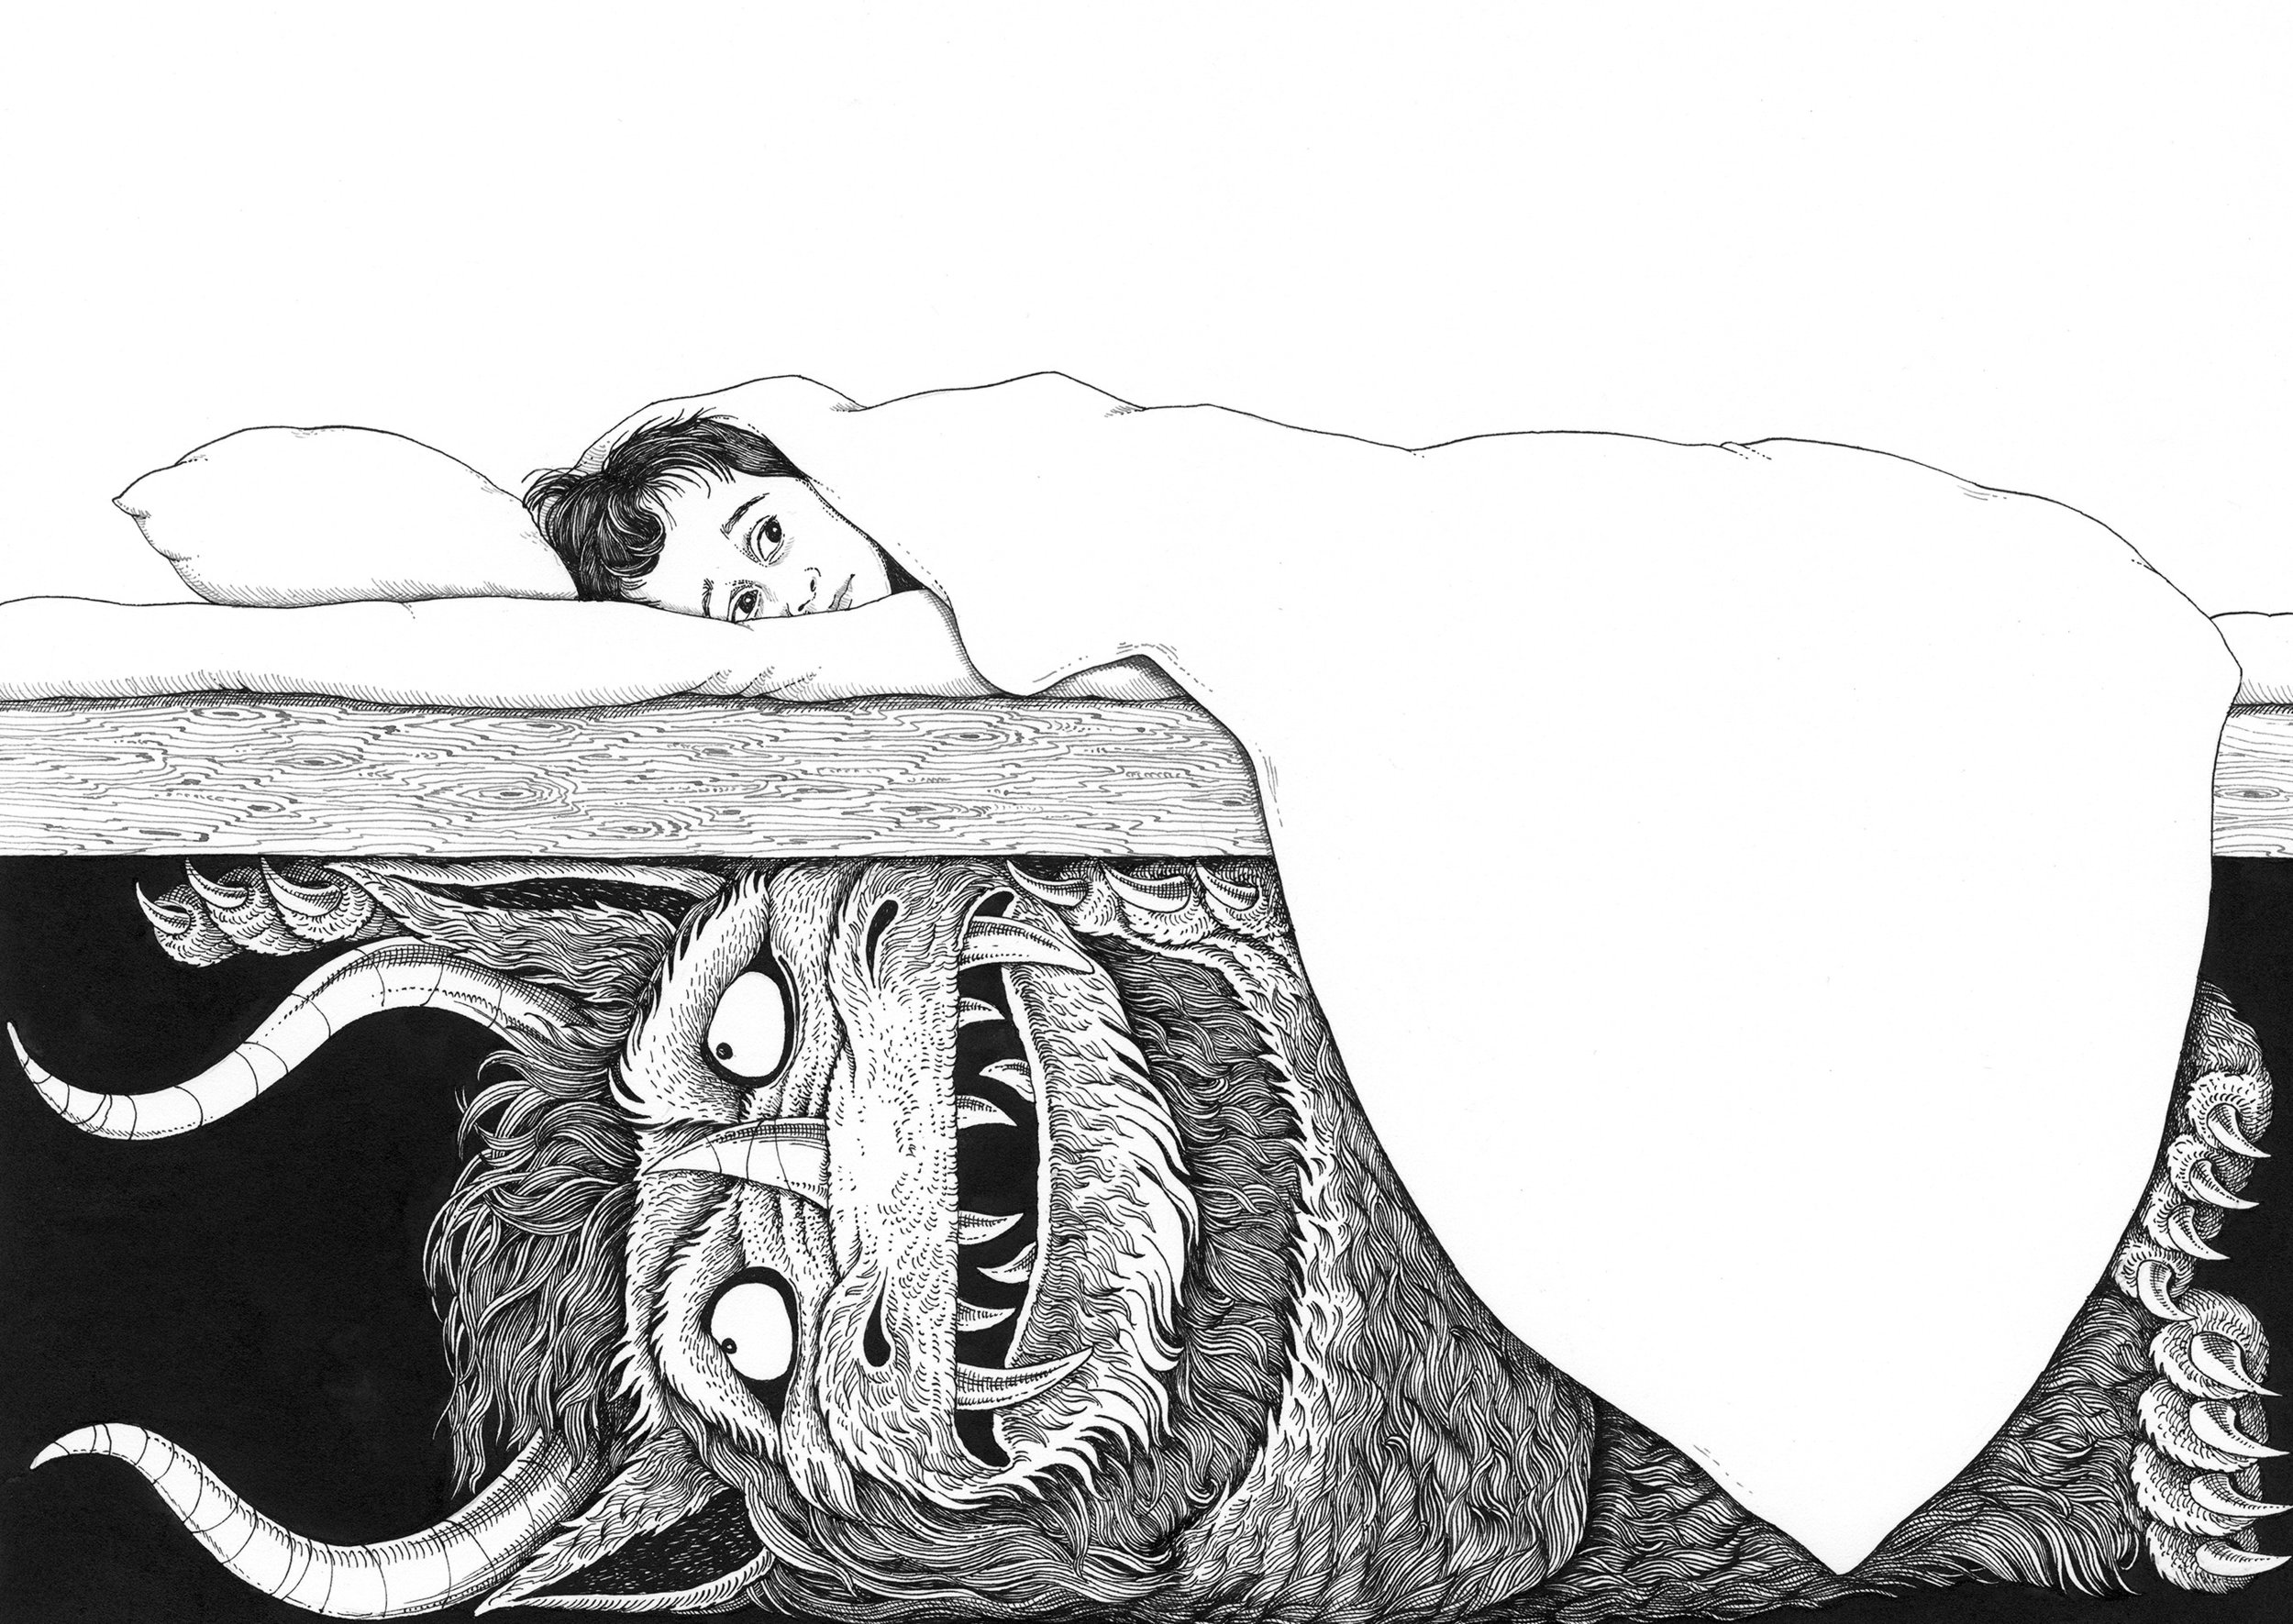 5_monster under bed.jpg